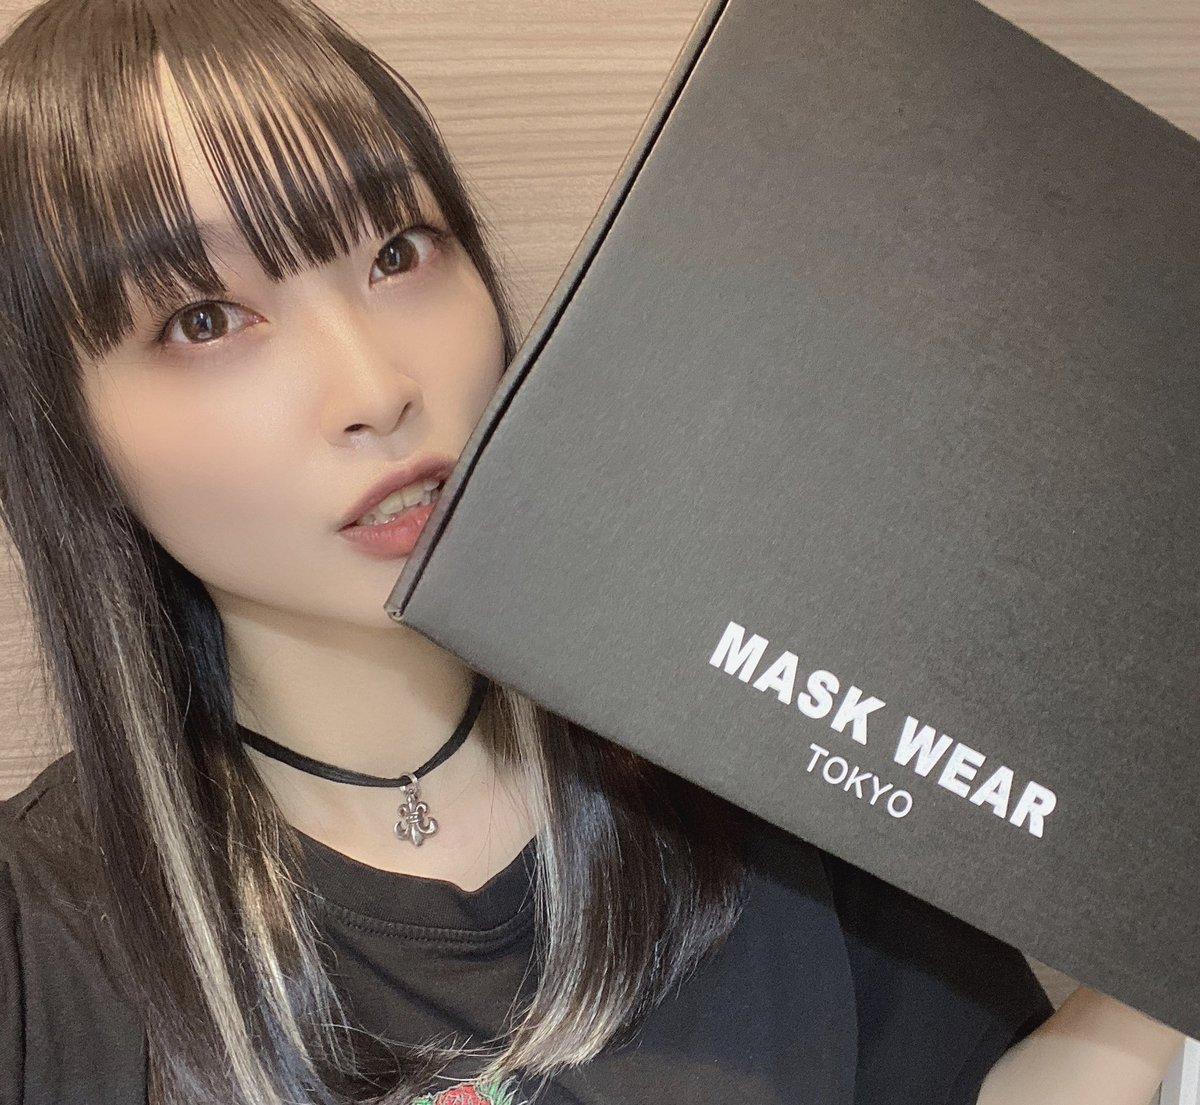 届いた🙌 #MASKWEARTOKYO . 〜マスクでお洒落すればすっぴんで良いんじゃないか説〜 . #TzAiko #インナーカラー #モデル #東京モデル #手錢葵子 #マスク #model #japan #instadaily #l4l #today #me #girl #musician #fashion https://t.co/y2StmFcxlW